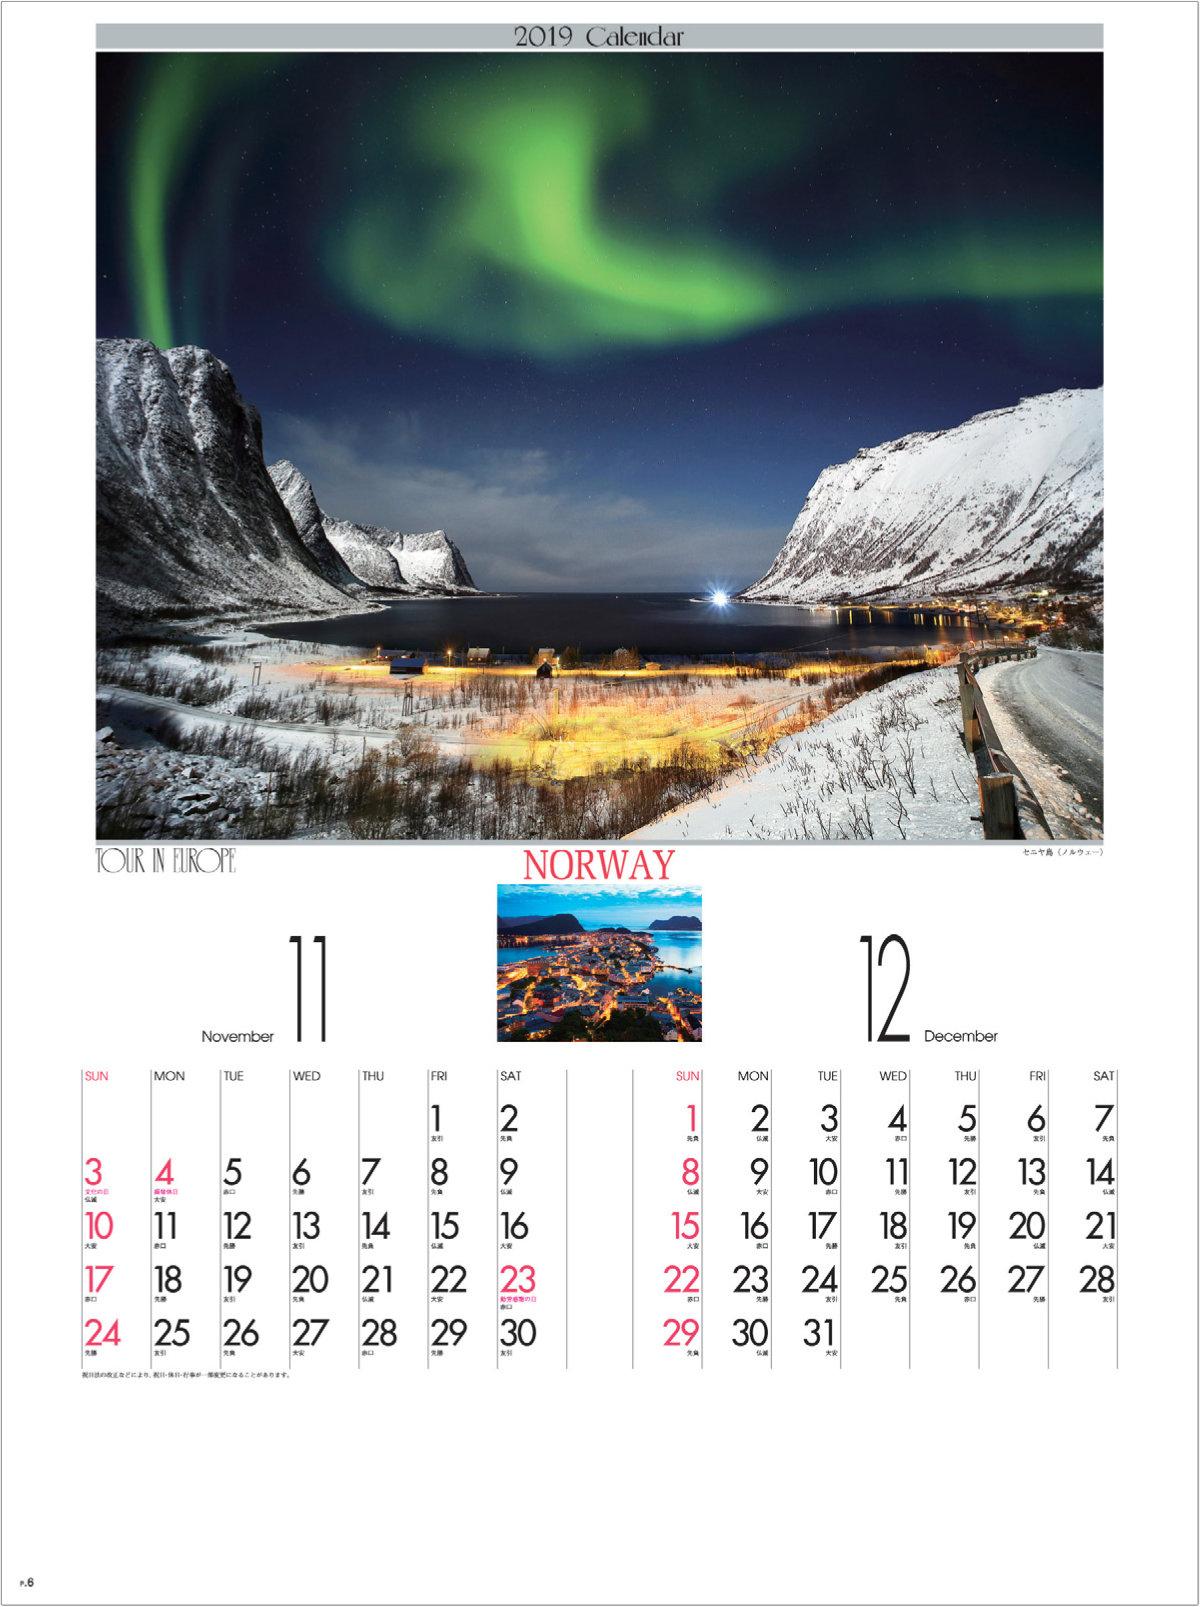 画像:セニア島のオーロラ(ノルウェー) ヨーロッパの旅 2019年カレンダー